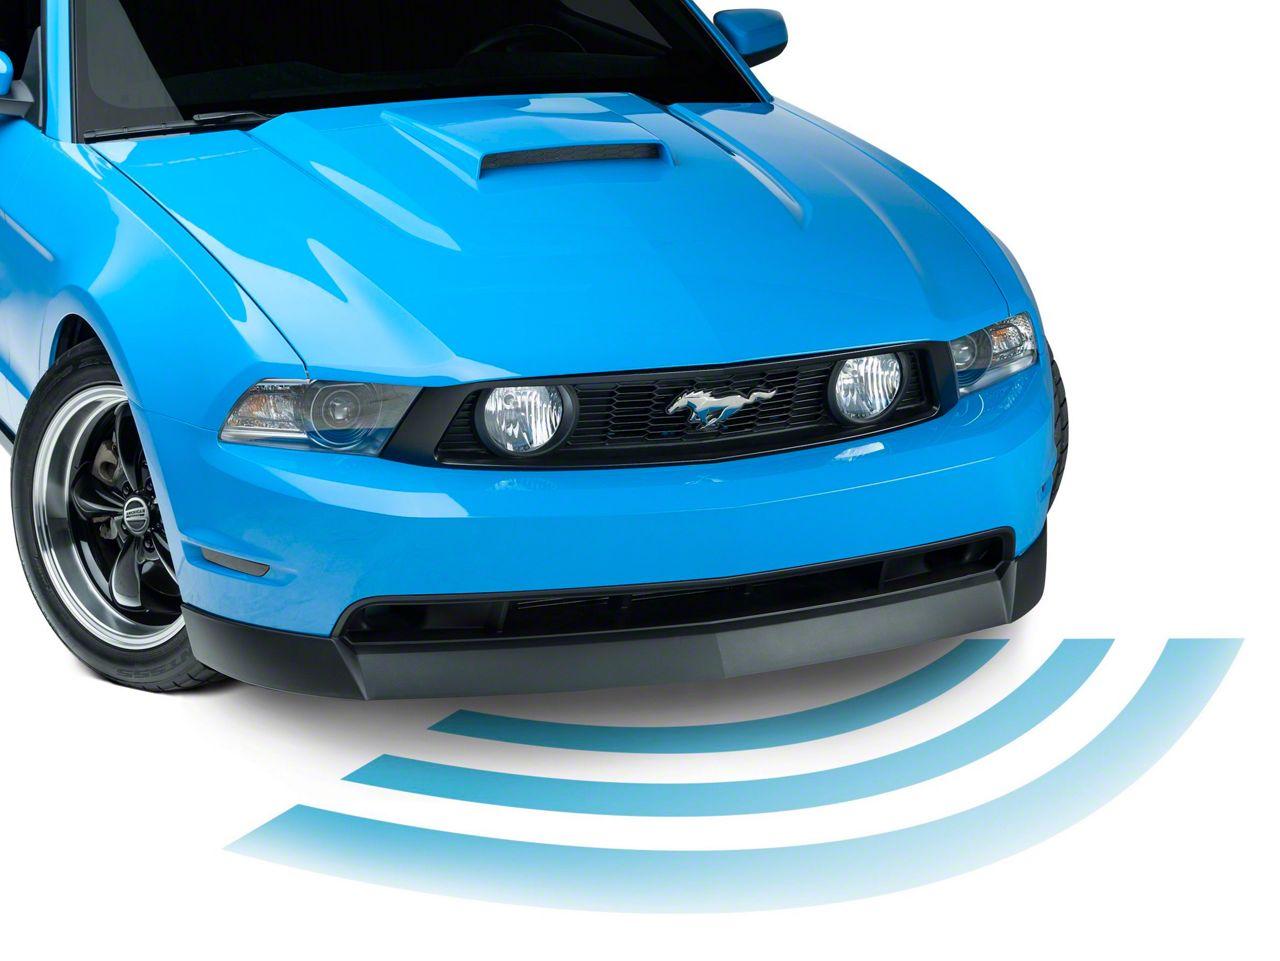 SpeedForm Front End Parking Assist Sensor (79-18 All)